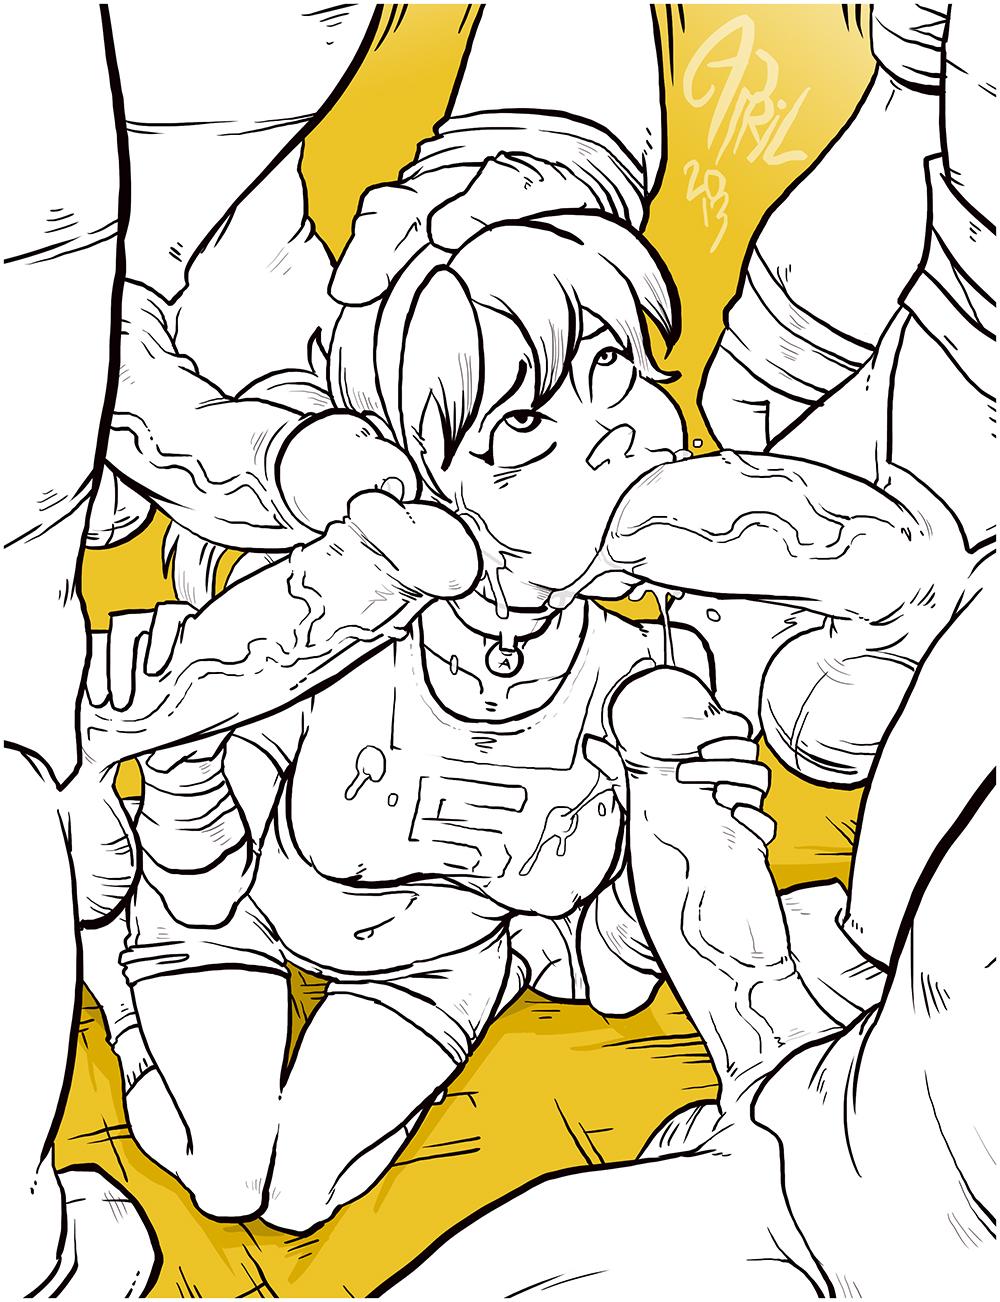 turtles teenage mutant e621 ninja Gakuen de jikan no tomare